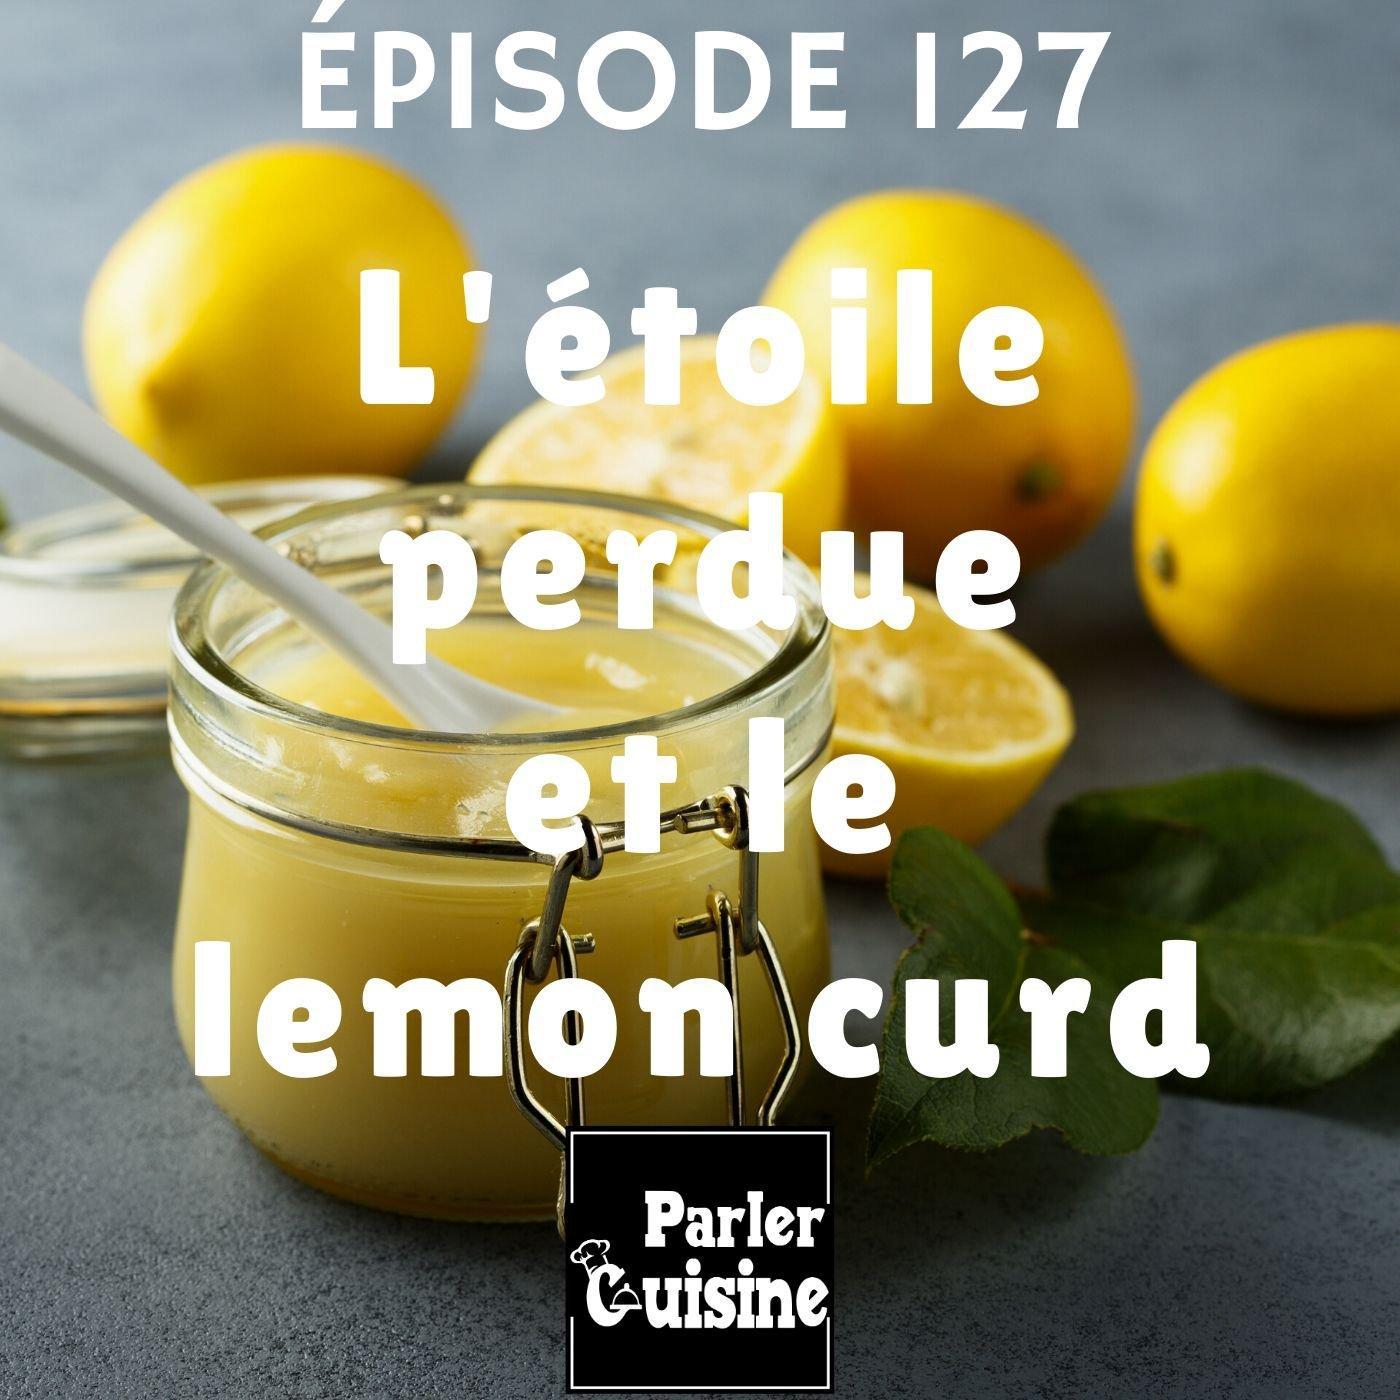 Épisode 127 : L'étoile perdue et le Lemon Curd